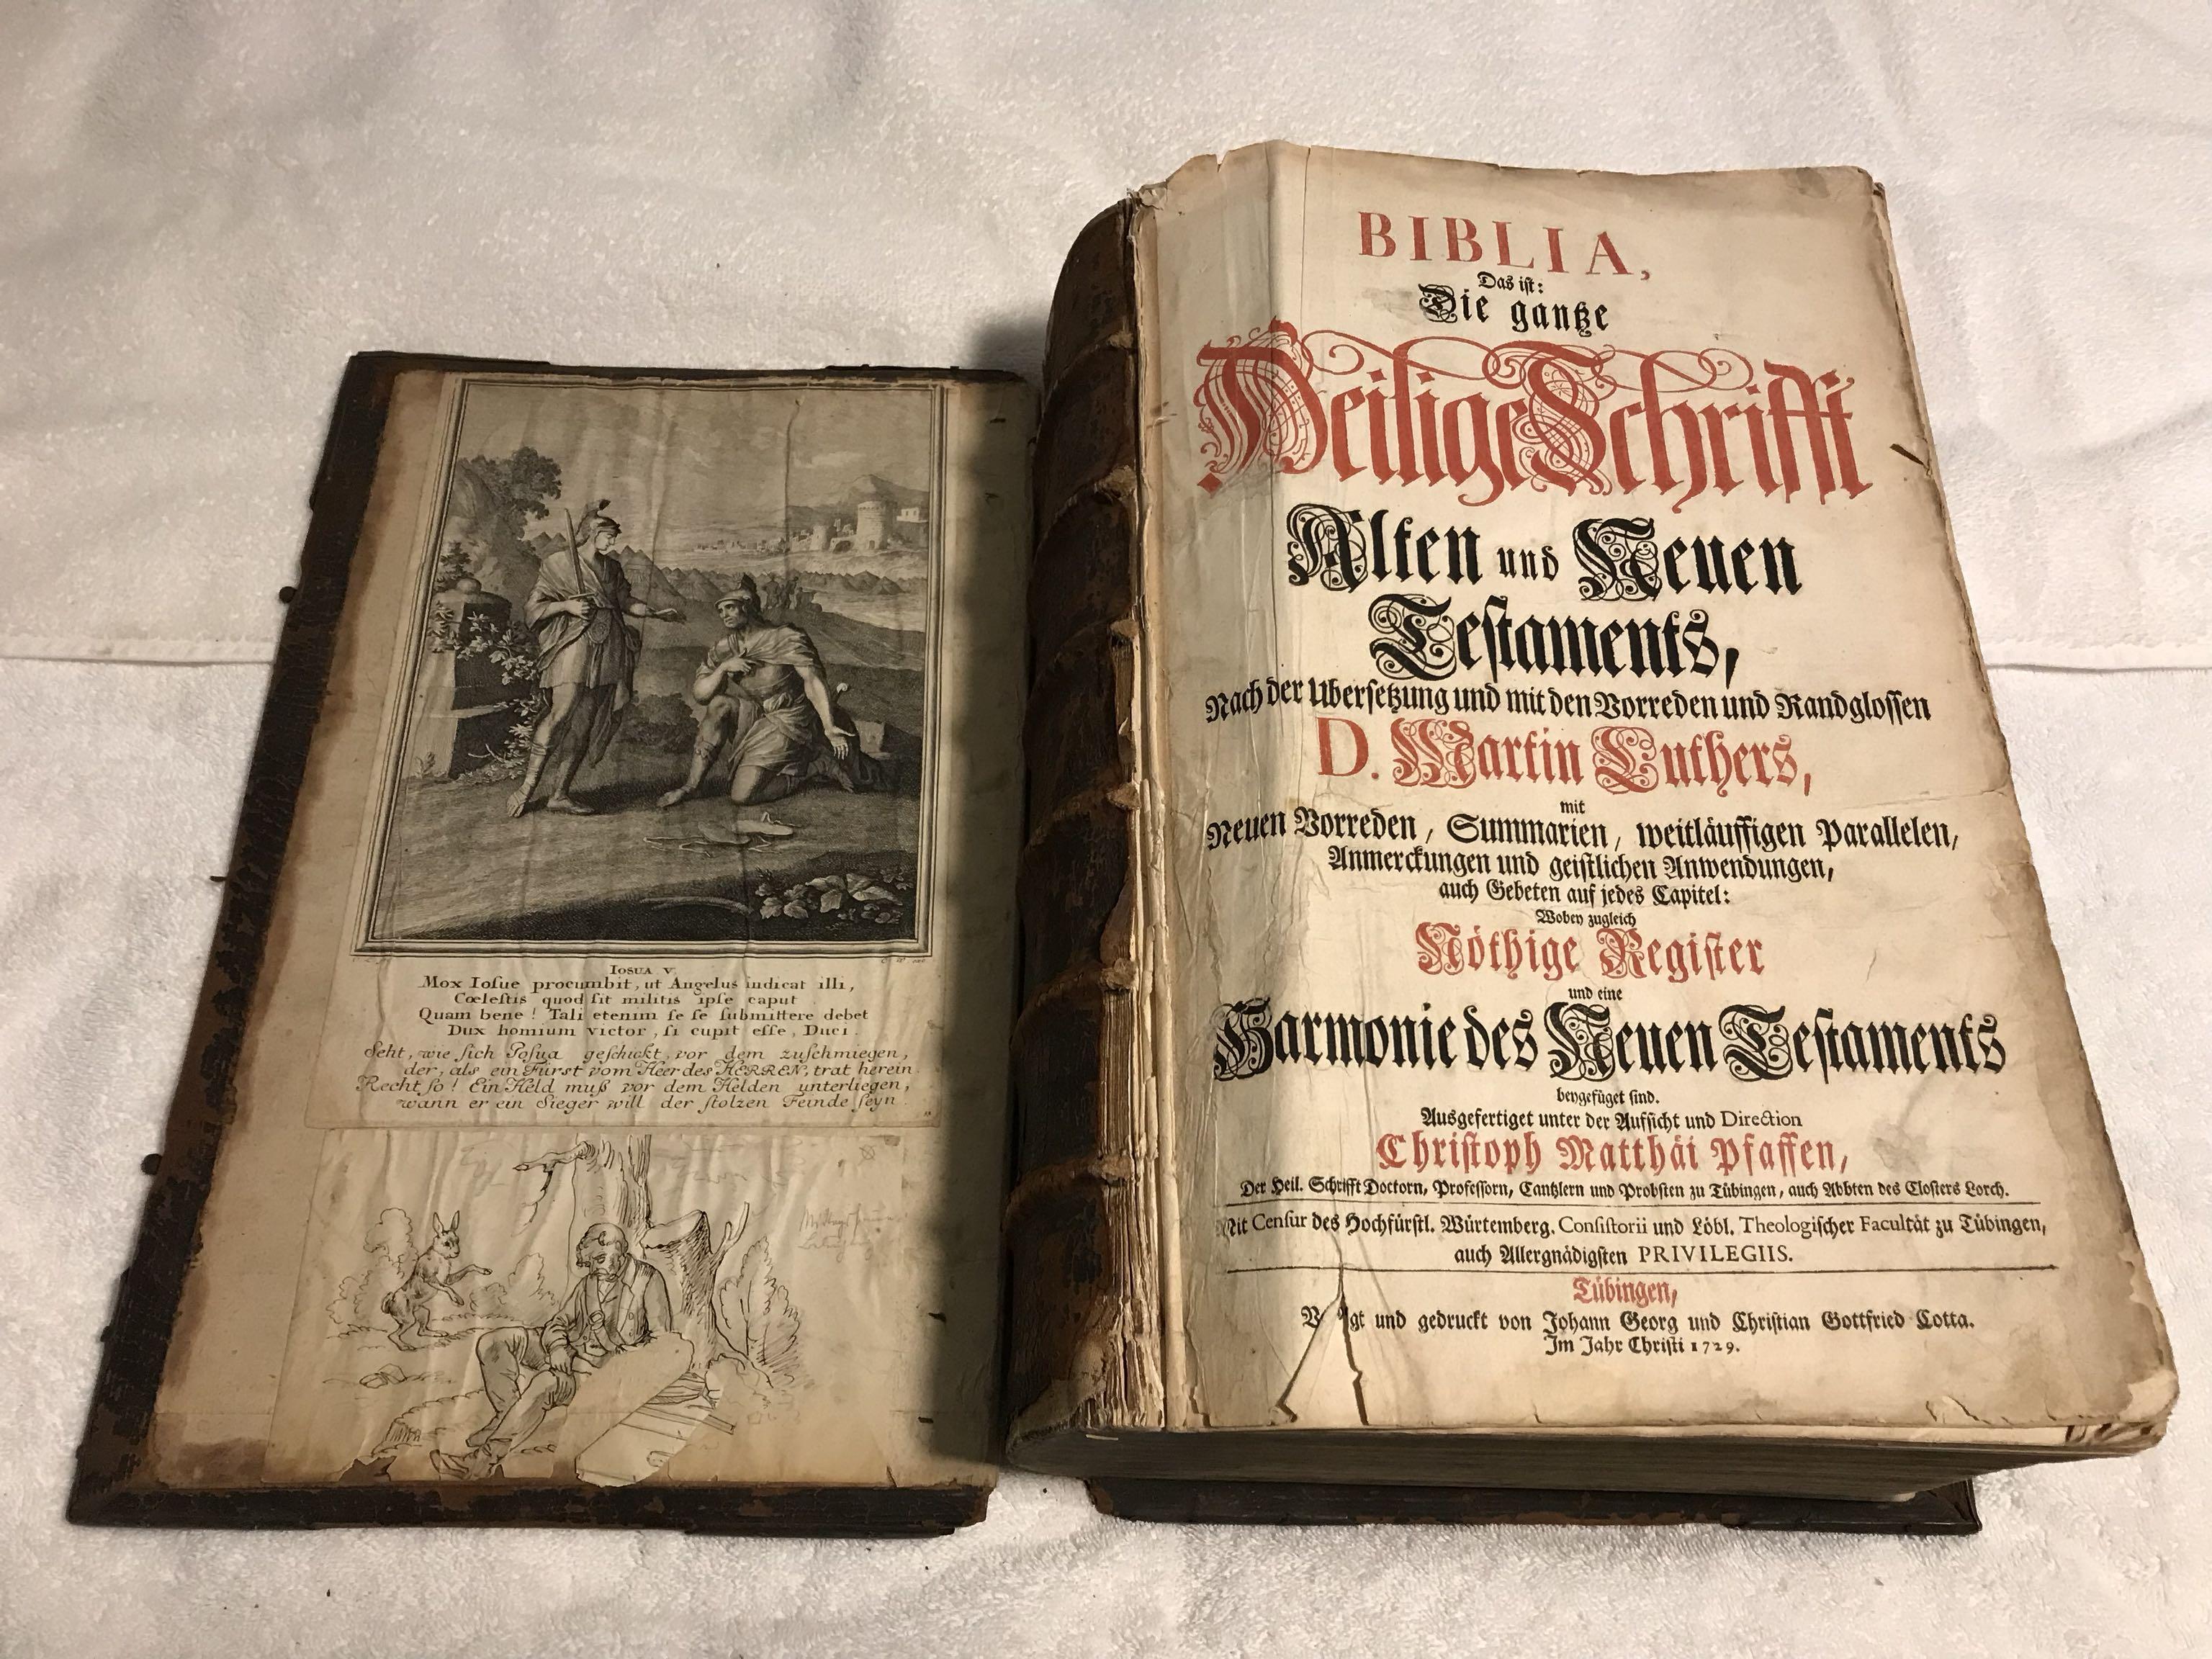 Nearly 300 year old Biblia, das ist: die gantze heilige schrifft alten und neuen testaments